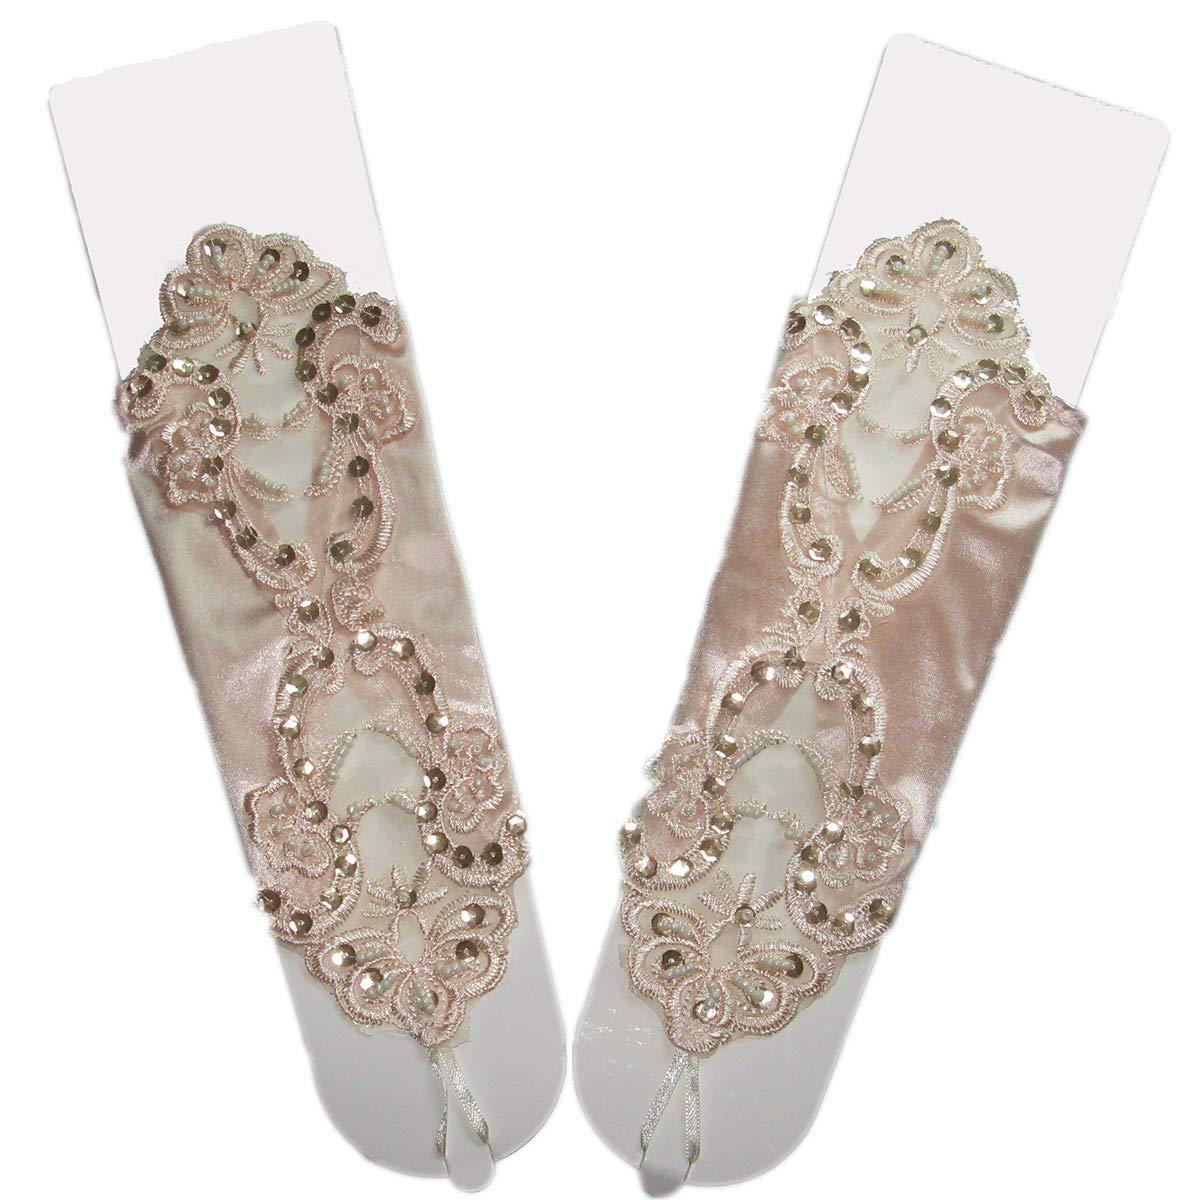 guanti da sposa lunghi senza dita in pizzo Shangrui Guanti da sposa da donna senza dita